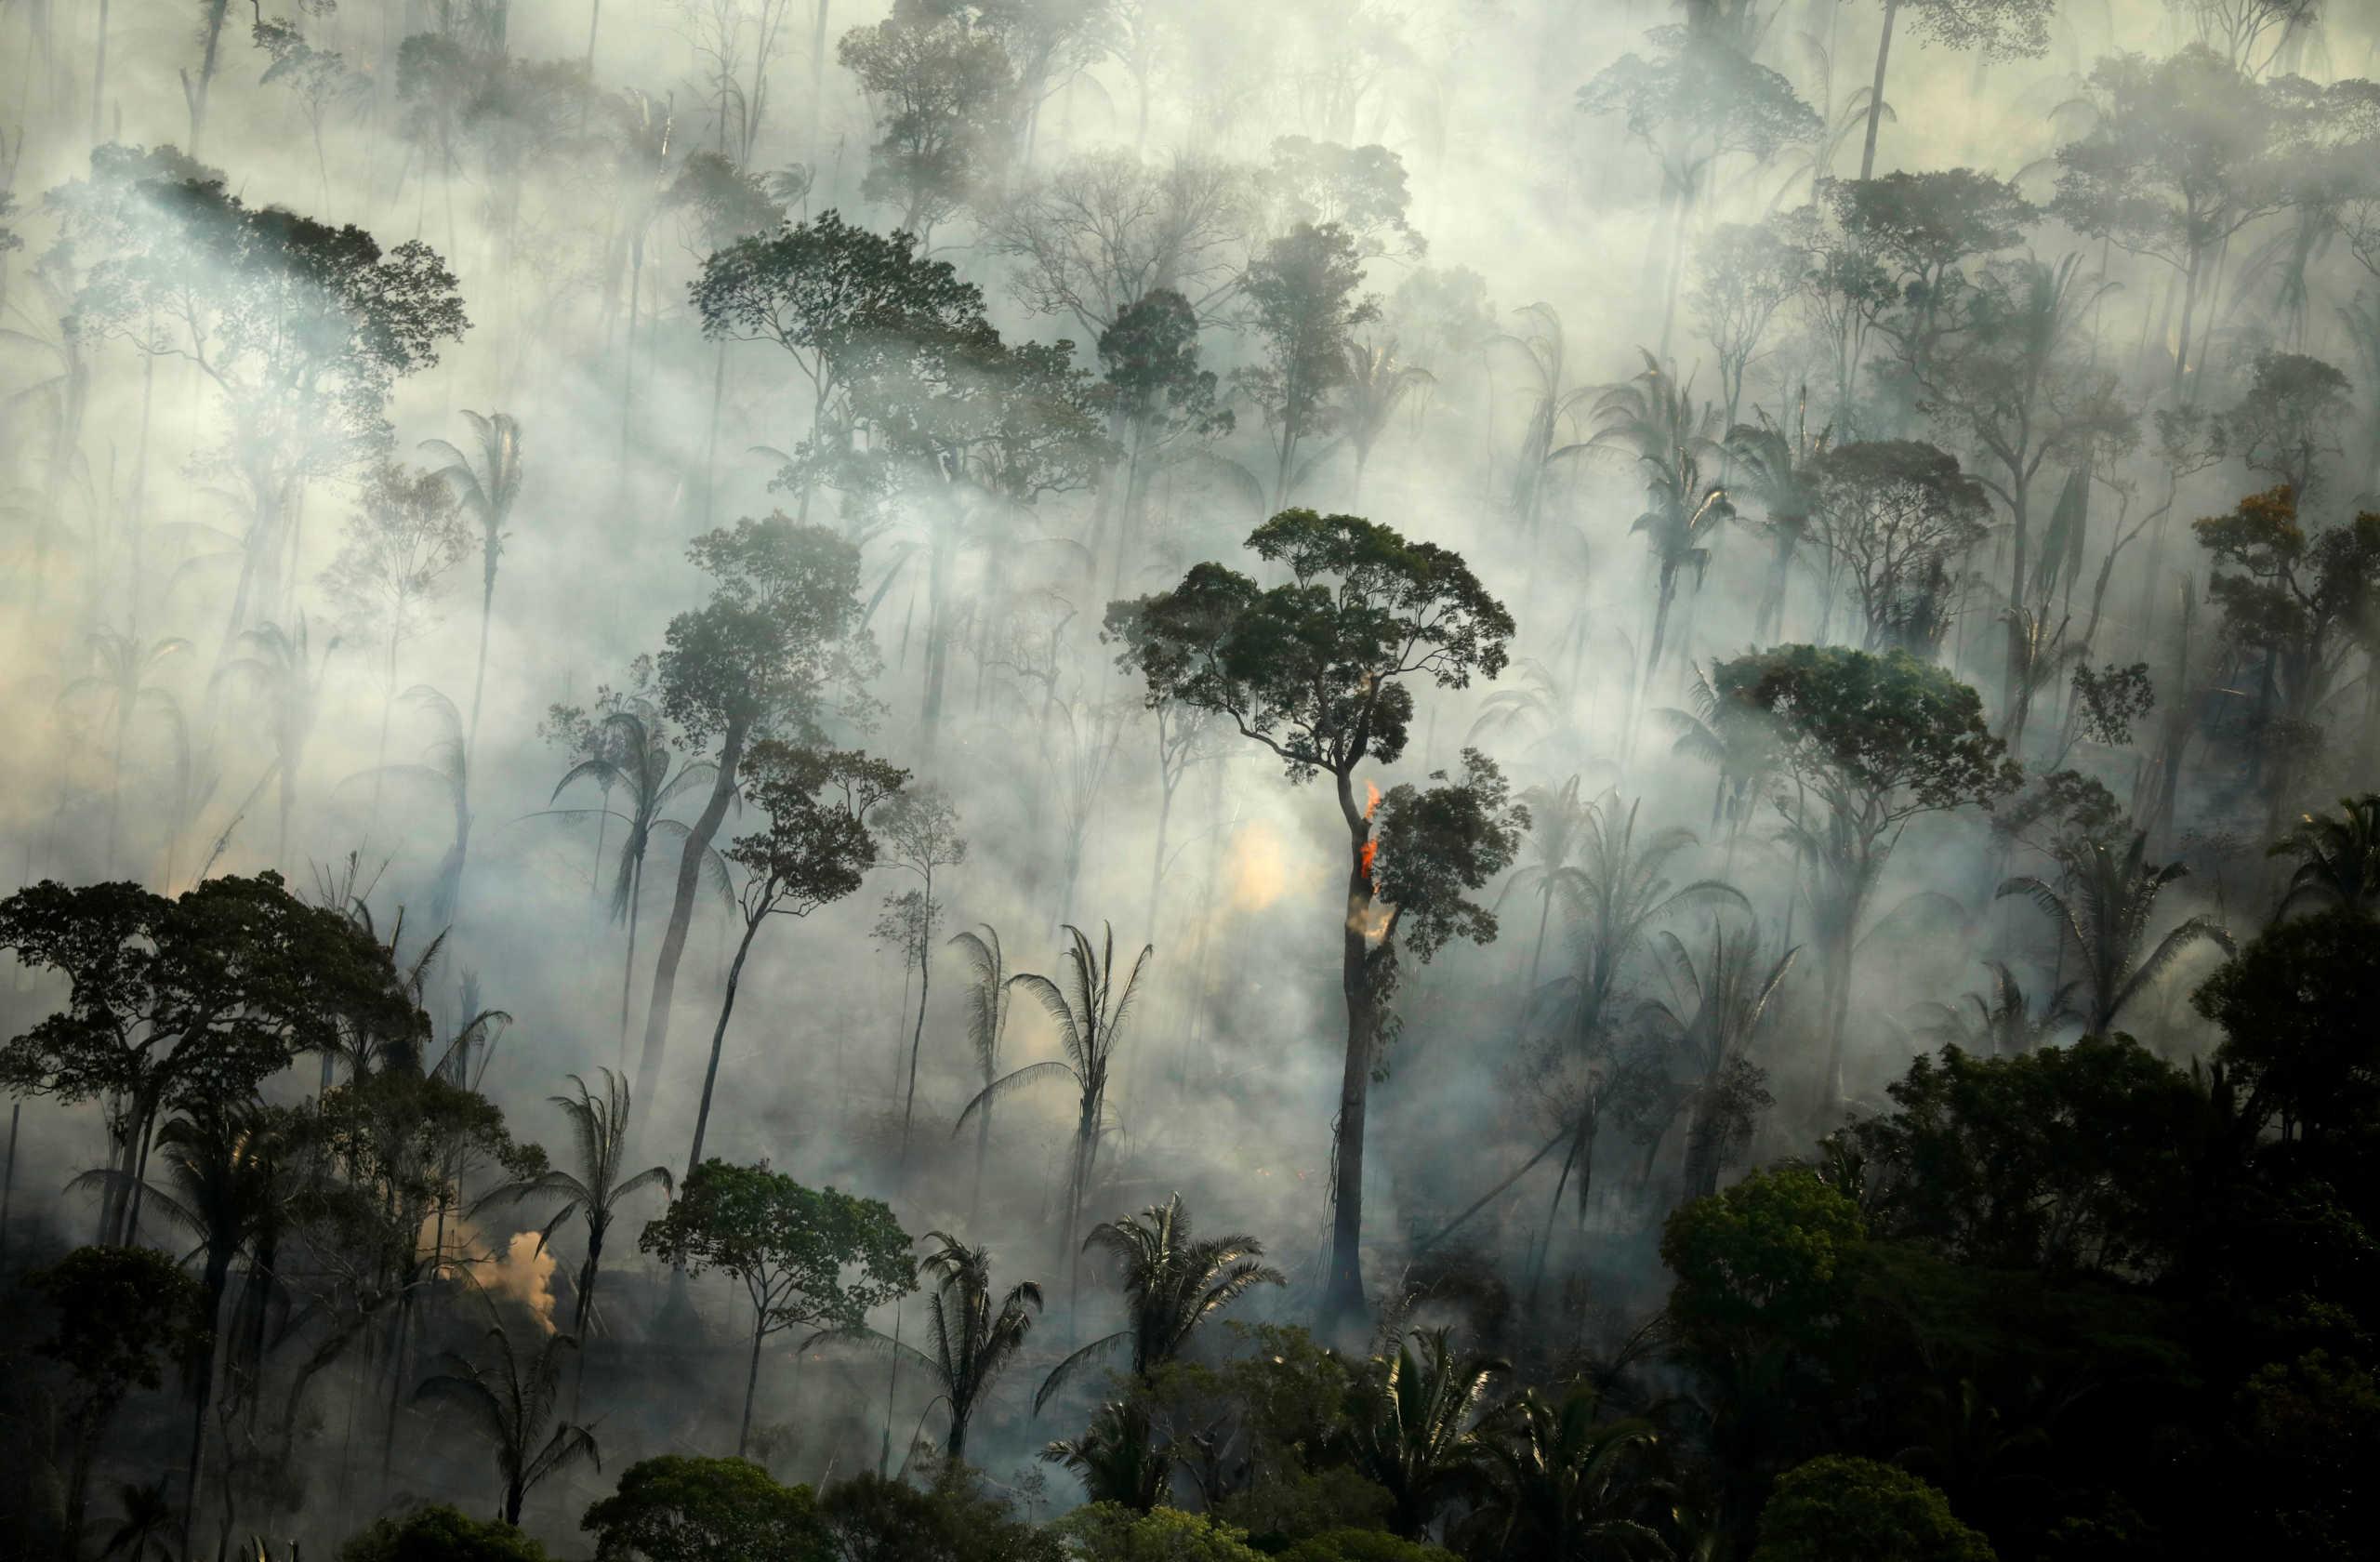 Αμαζόνιος: Ασύλληπτο! Πάνω από 17.000 φωτιές τον Οκτώβριο (pics)